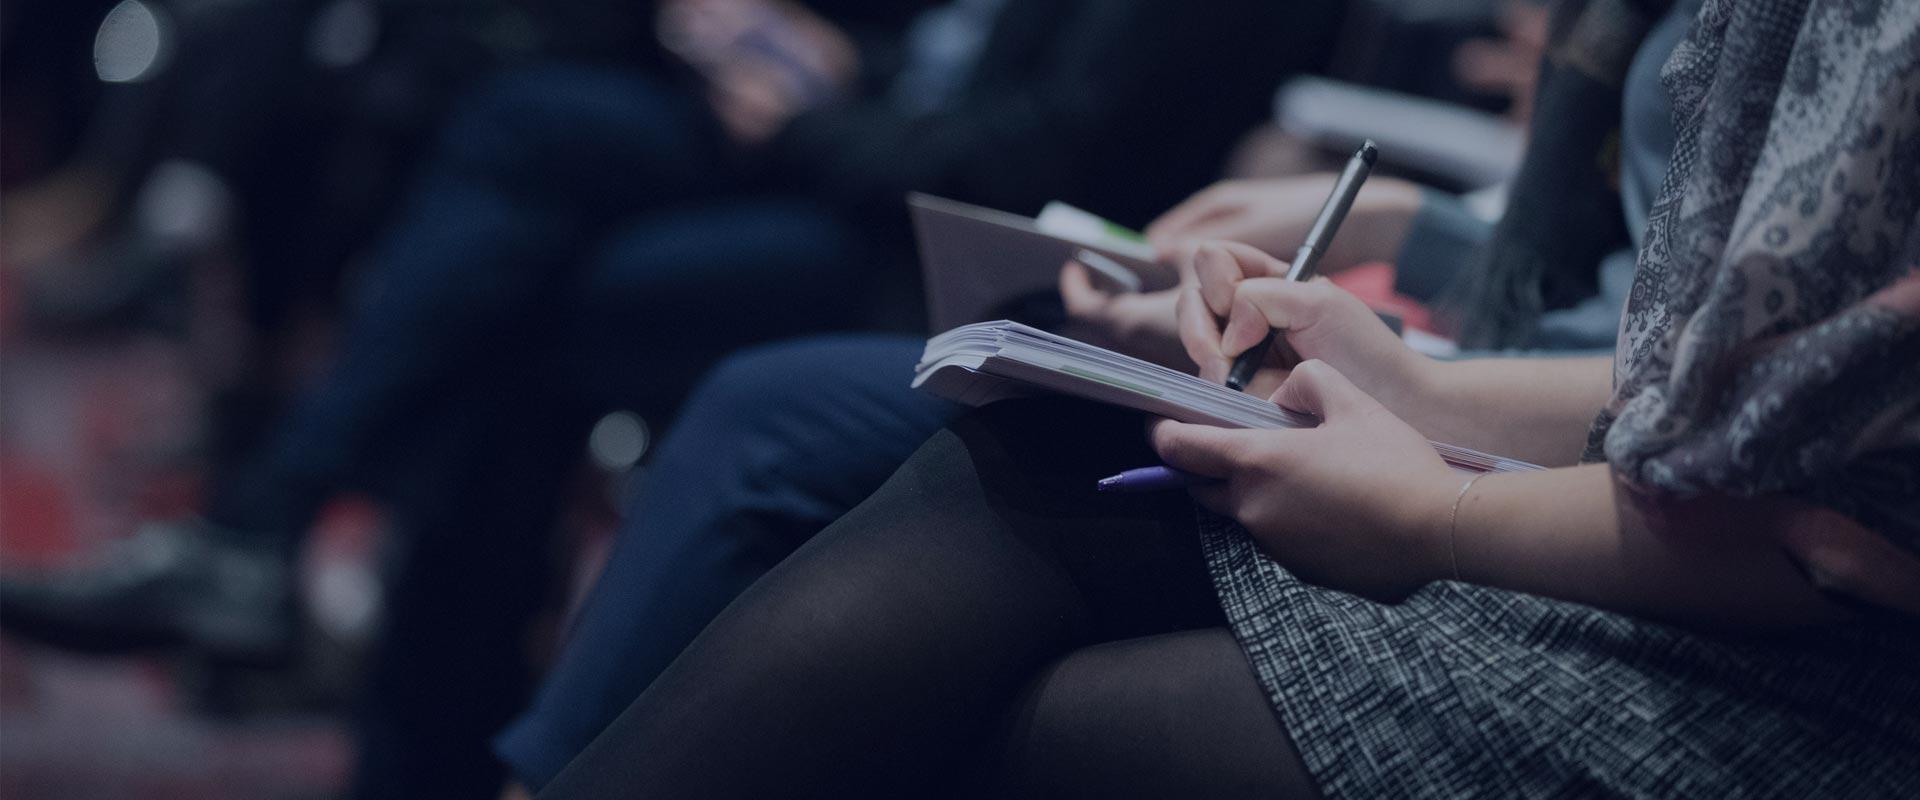 Femme prenant des notes lors d'une formarion